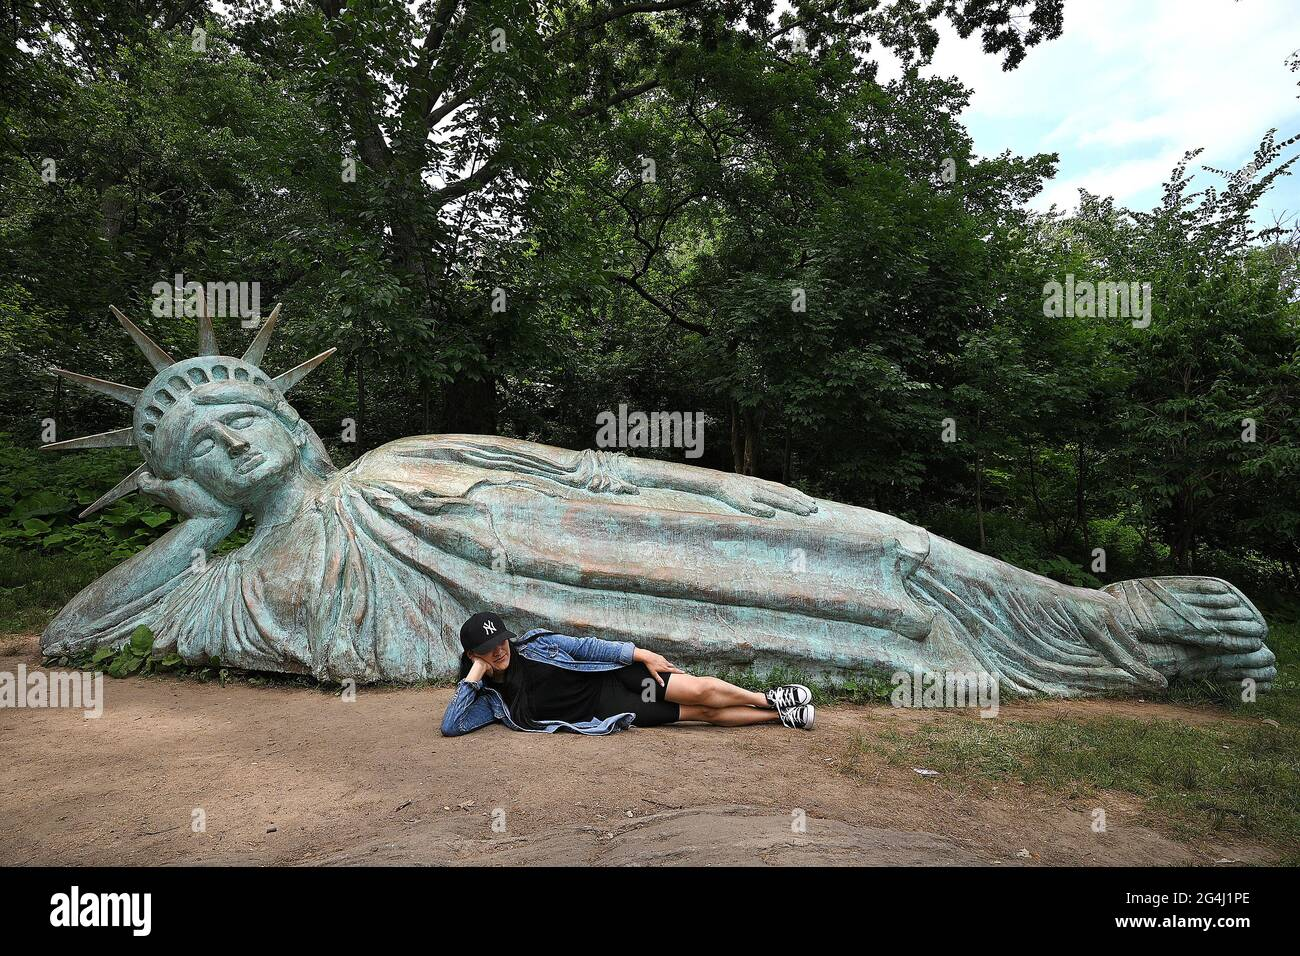 """Nueva York, Estados Unidos. 21st de junio de 2021. Iveth Manjarrez adopta la misma postura que """"Reclining Liberty"""" para unas fotos delante de la réplica de la Estatua de la Libertad de 25 pies de largo esculpida por el artista Zaq Landsberg, en Morningside Park, en Nueva York, NY, 21 de junio, 2021. (Foto de Anthony Behar/Sipa USA) Crédito: SIPA USA/Alamy Live News Foto de stock"""